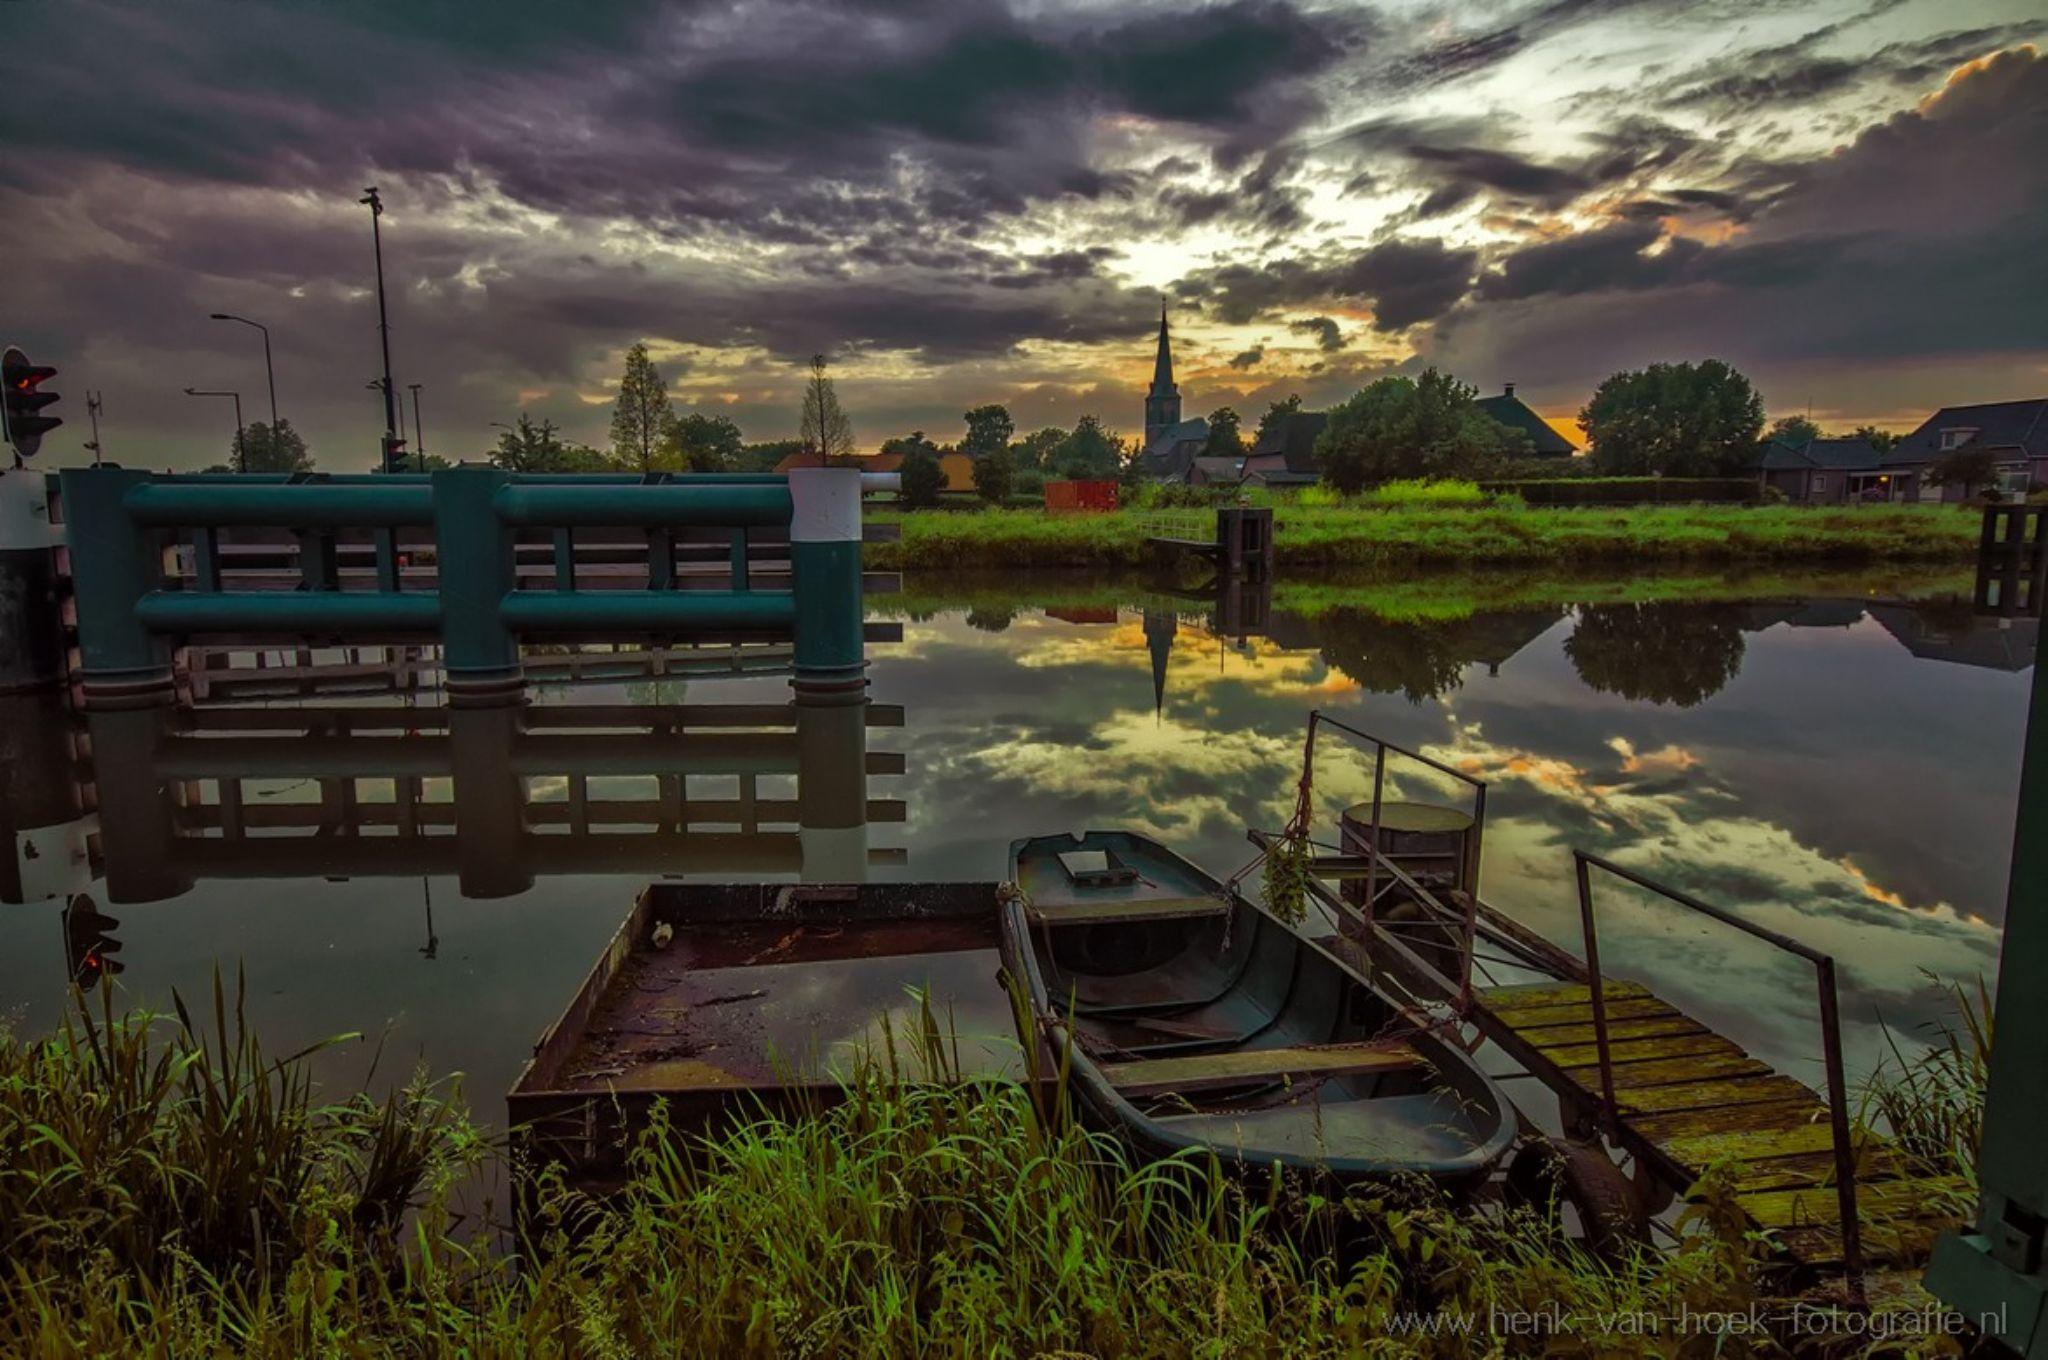 very nice sunset by Henk van Hoek